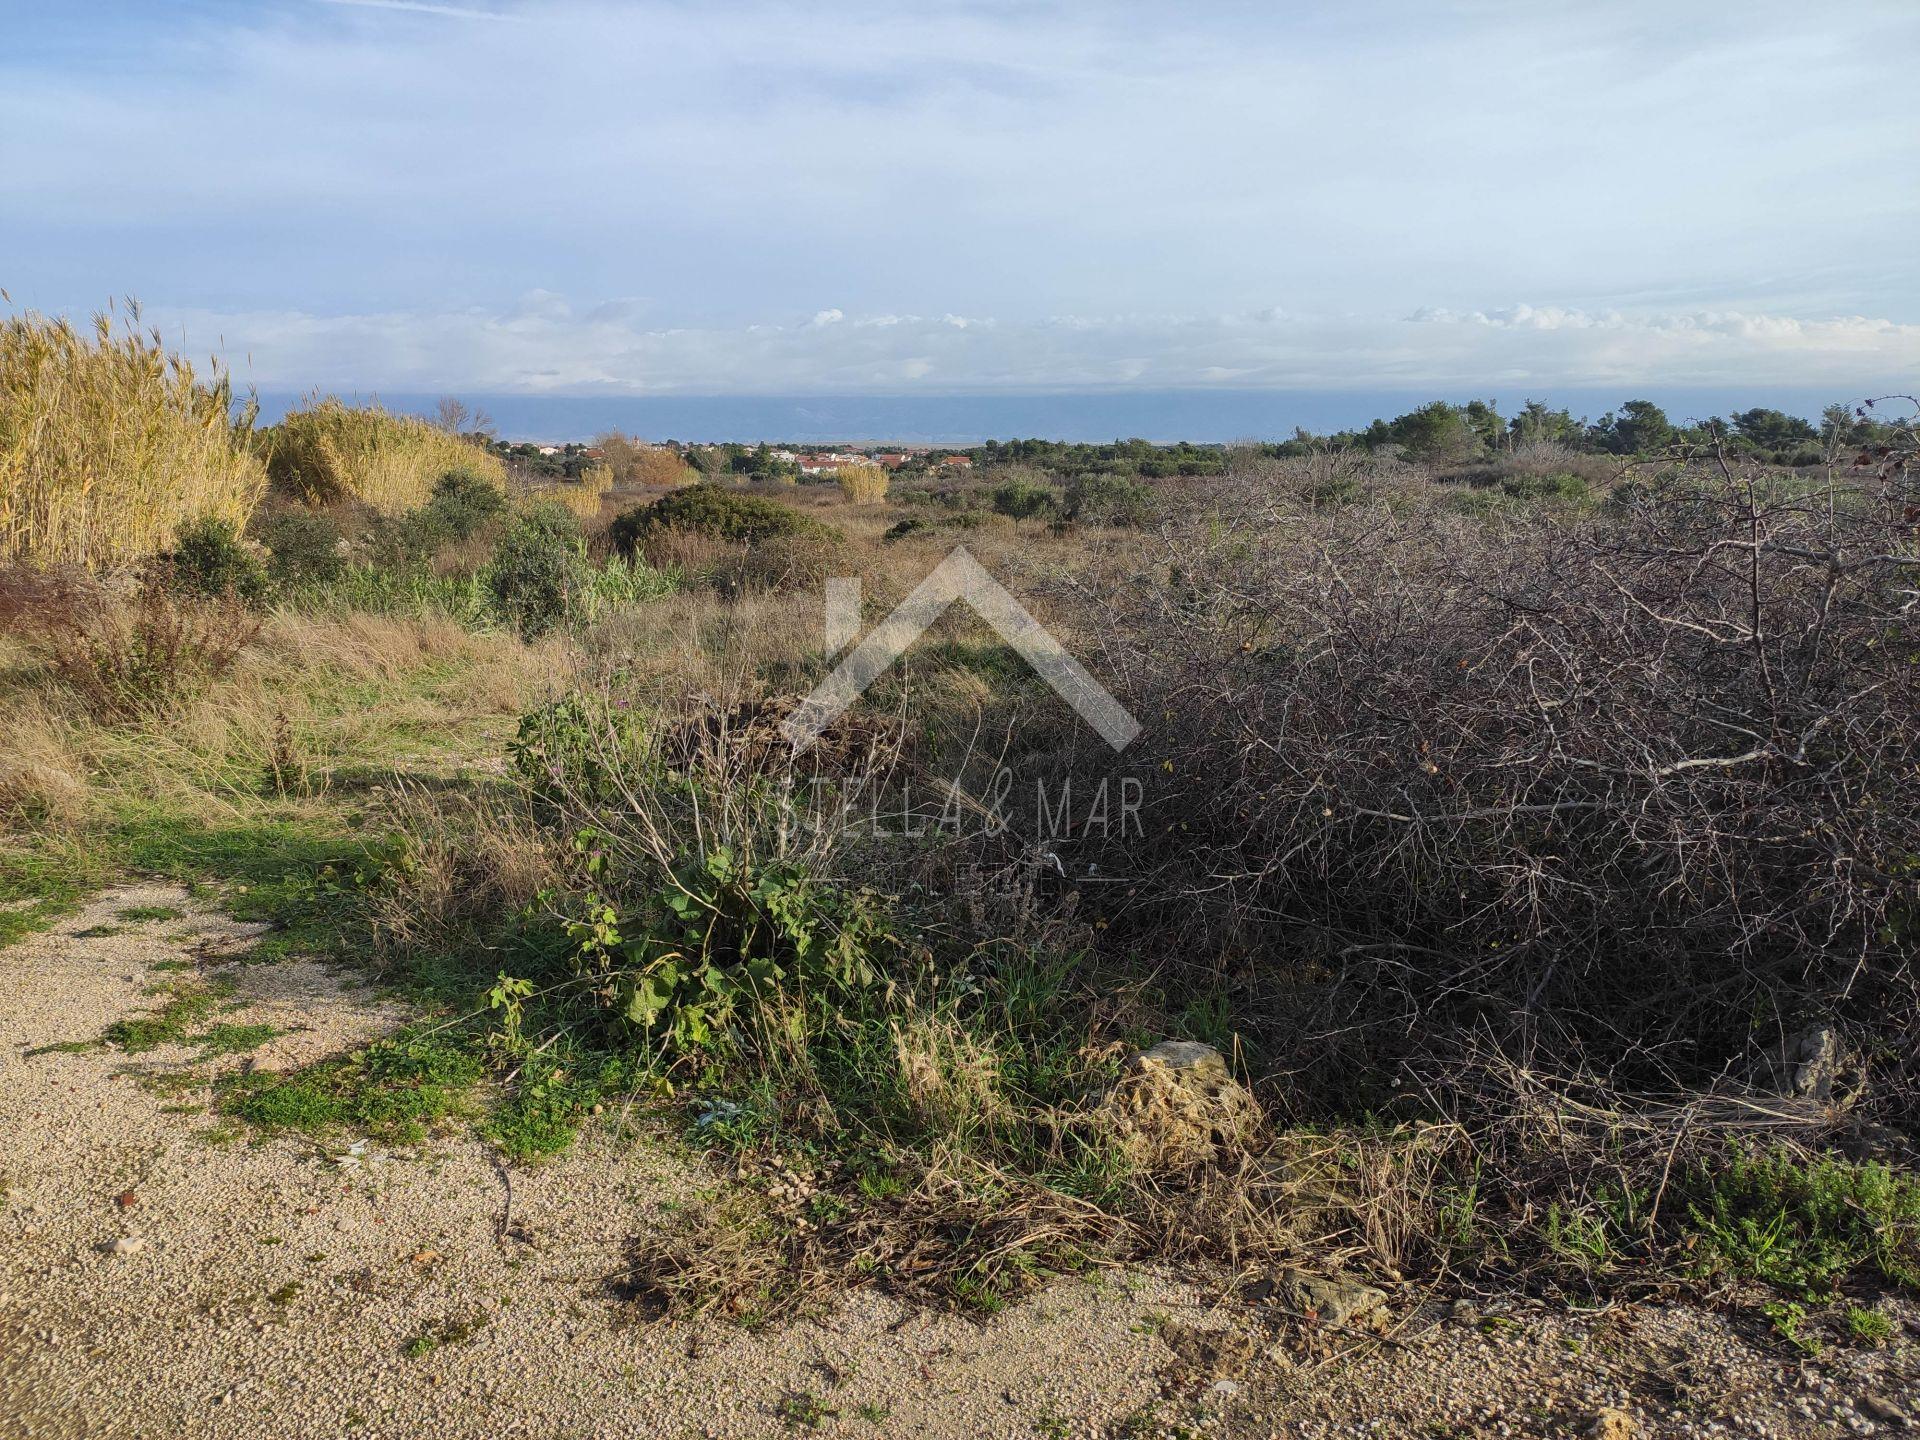 Poljoprivredno zemljište - Kozjak , Vir